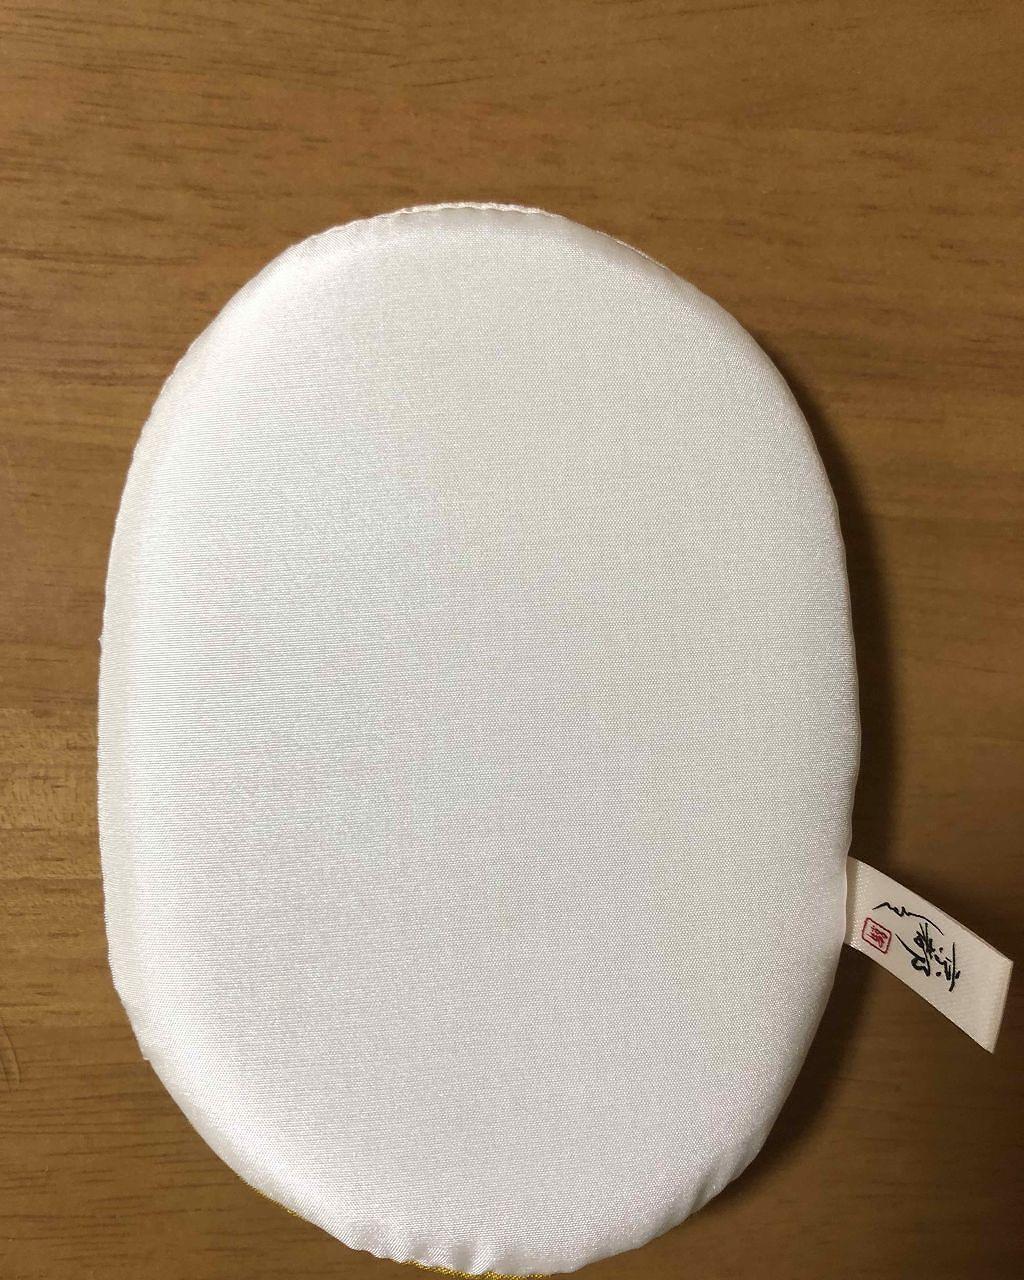 京都シルク 絹羽二重 球の肌パフ